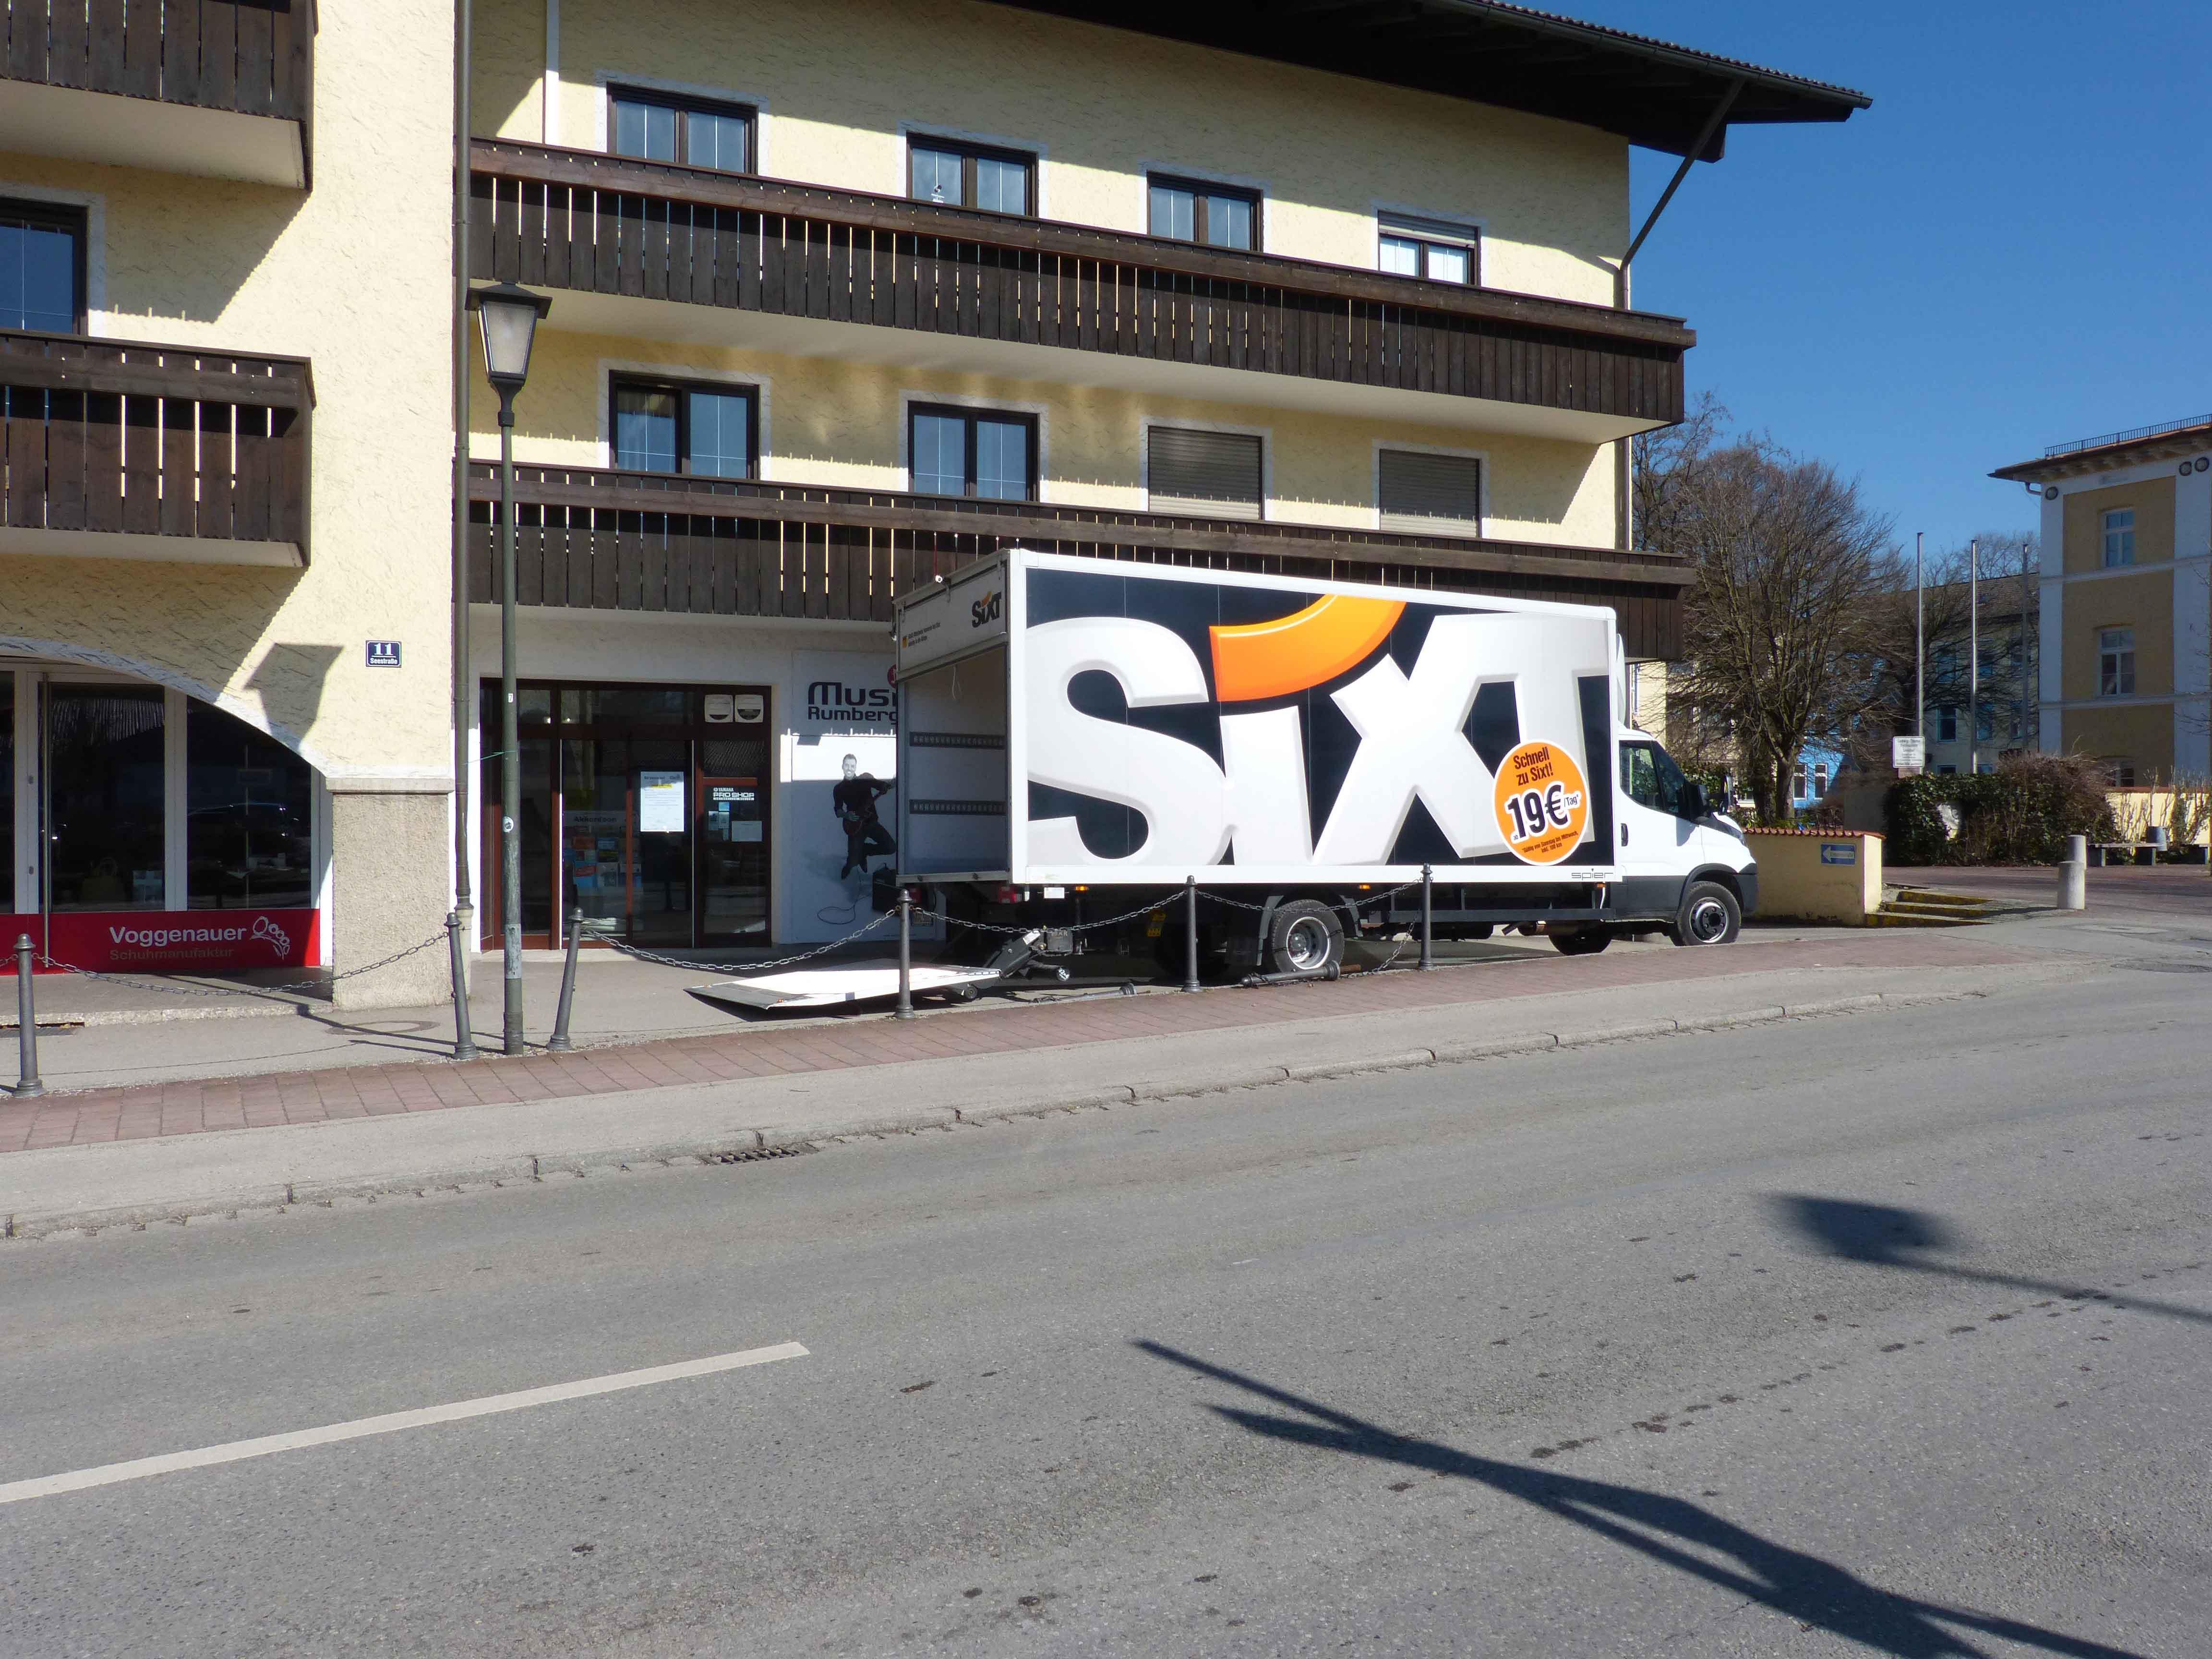 Der Umzugs-LKW von Sixt füllt sich immer mehr...